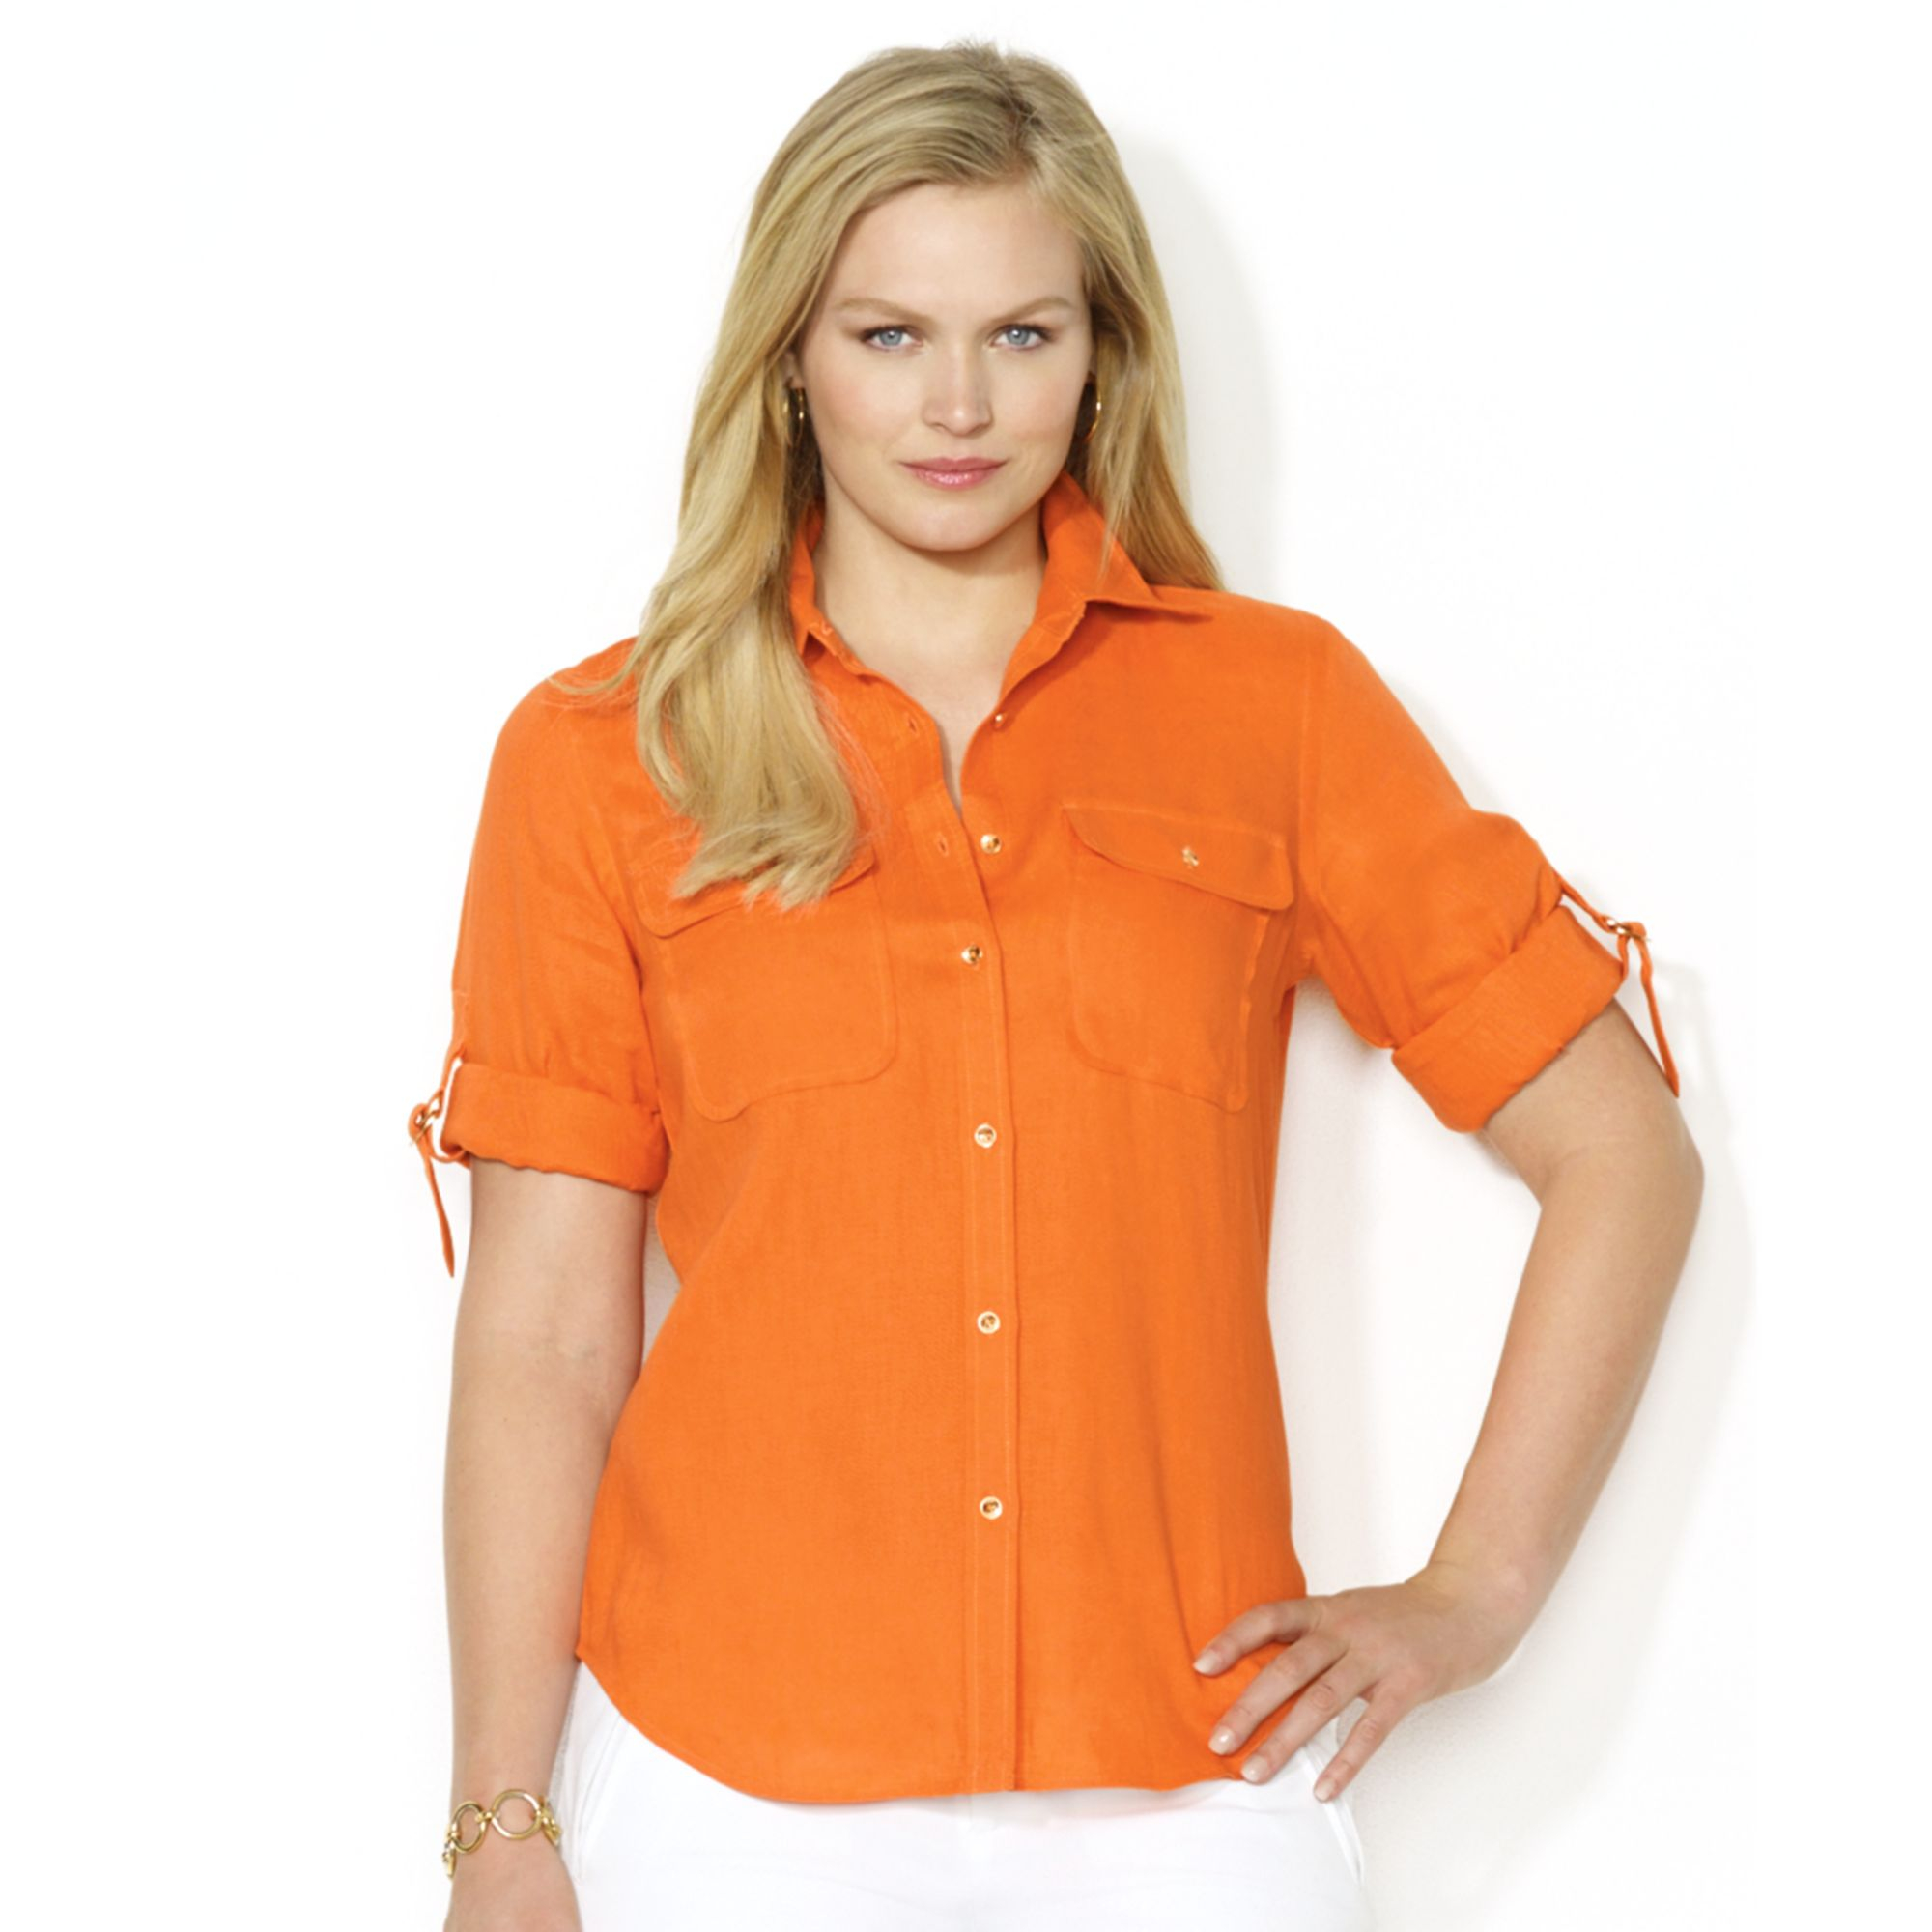 c8616acf905 Lyst - Lauren by Ralph Lauren Plus Size Tabsleeve Linen Shirt in Orange